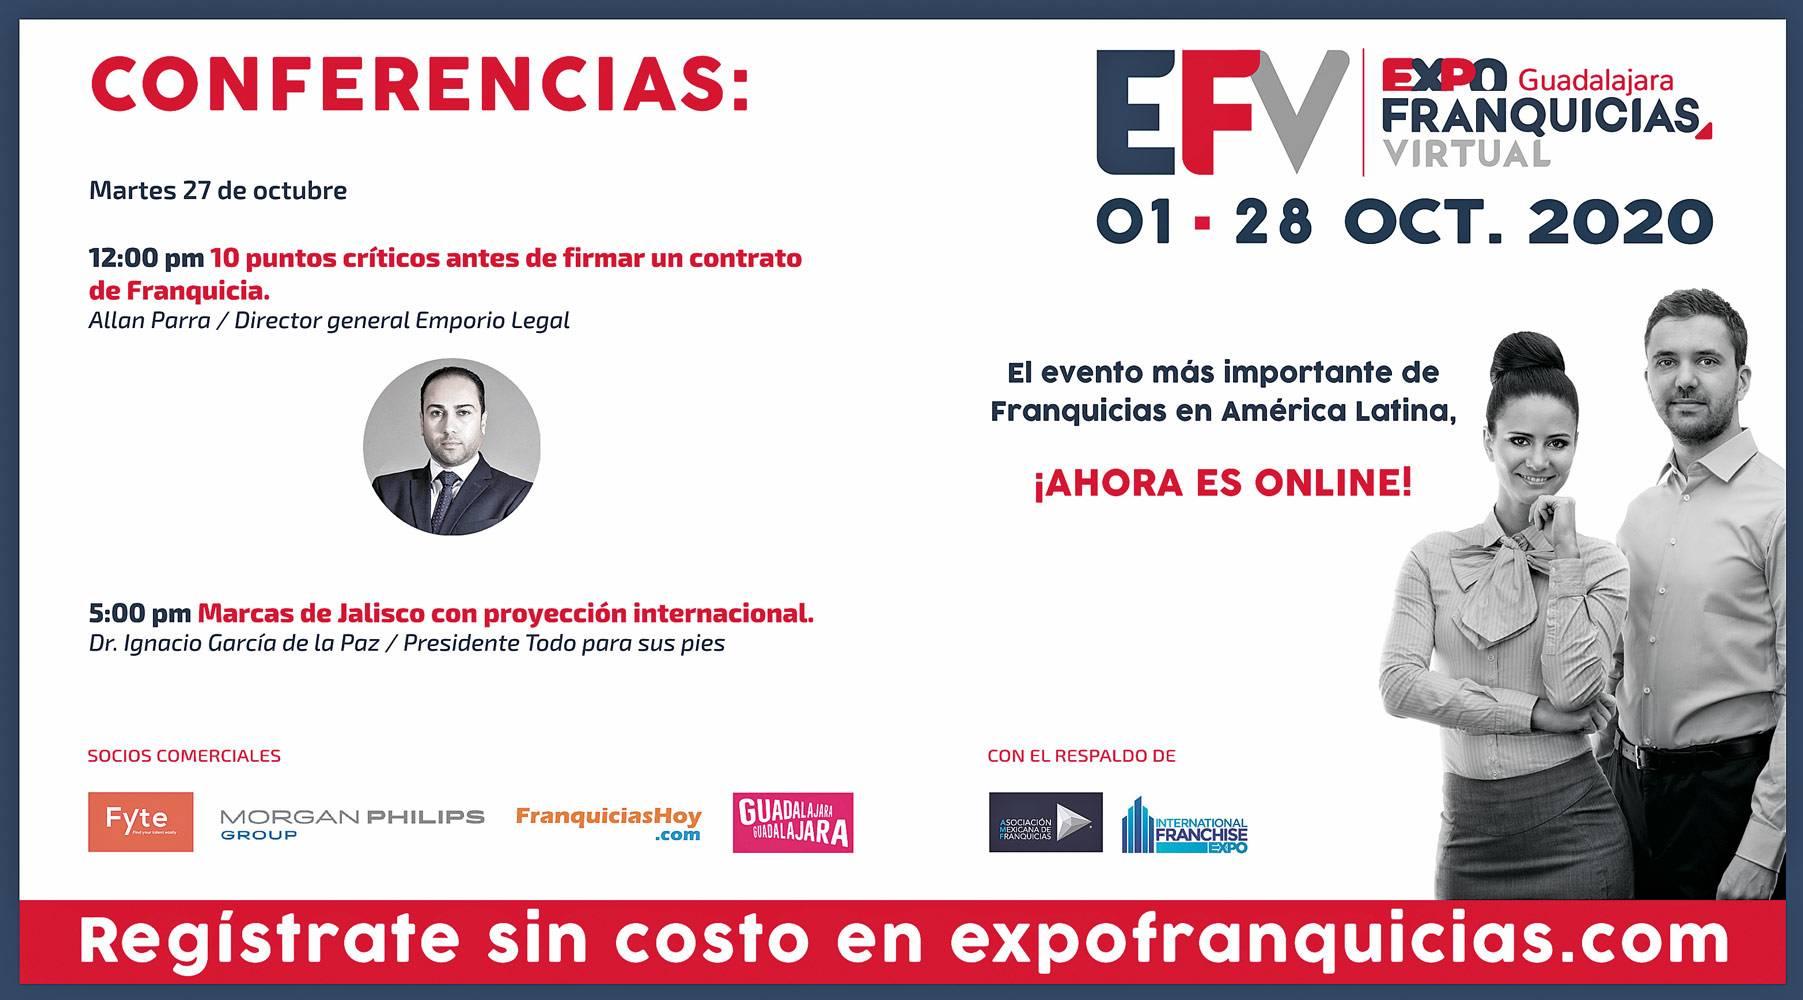 Anuncio Expo Franquicias segura edición CDMX del 26 de Octubre del 2020, Página 9